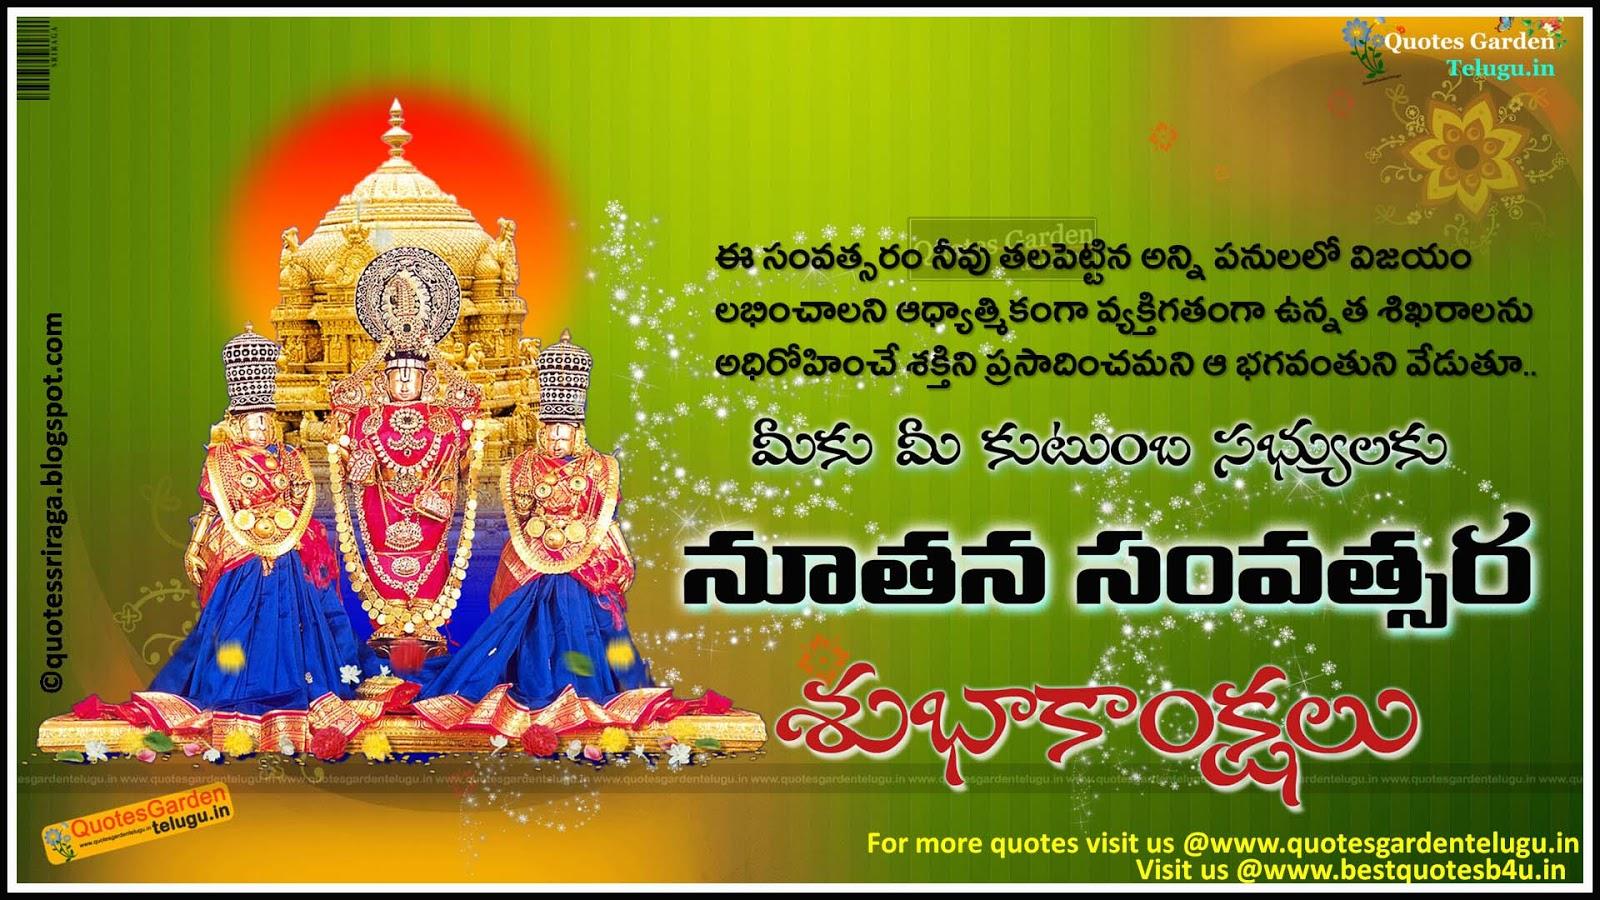 Telugu New Year Wishes Images Tumblr thumbnail